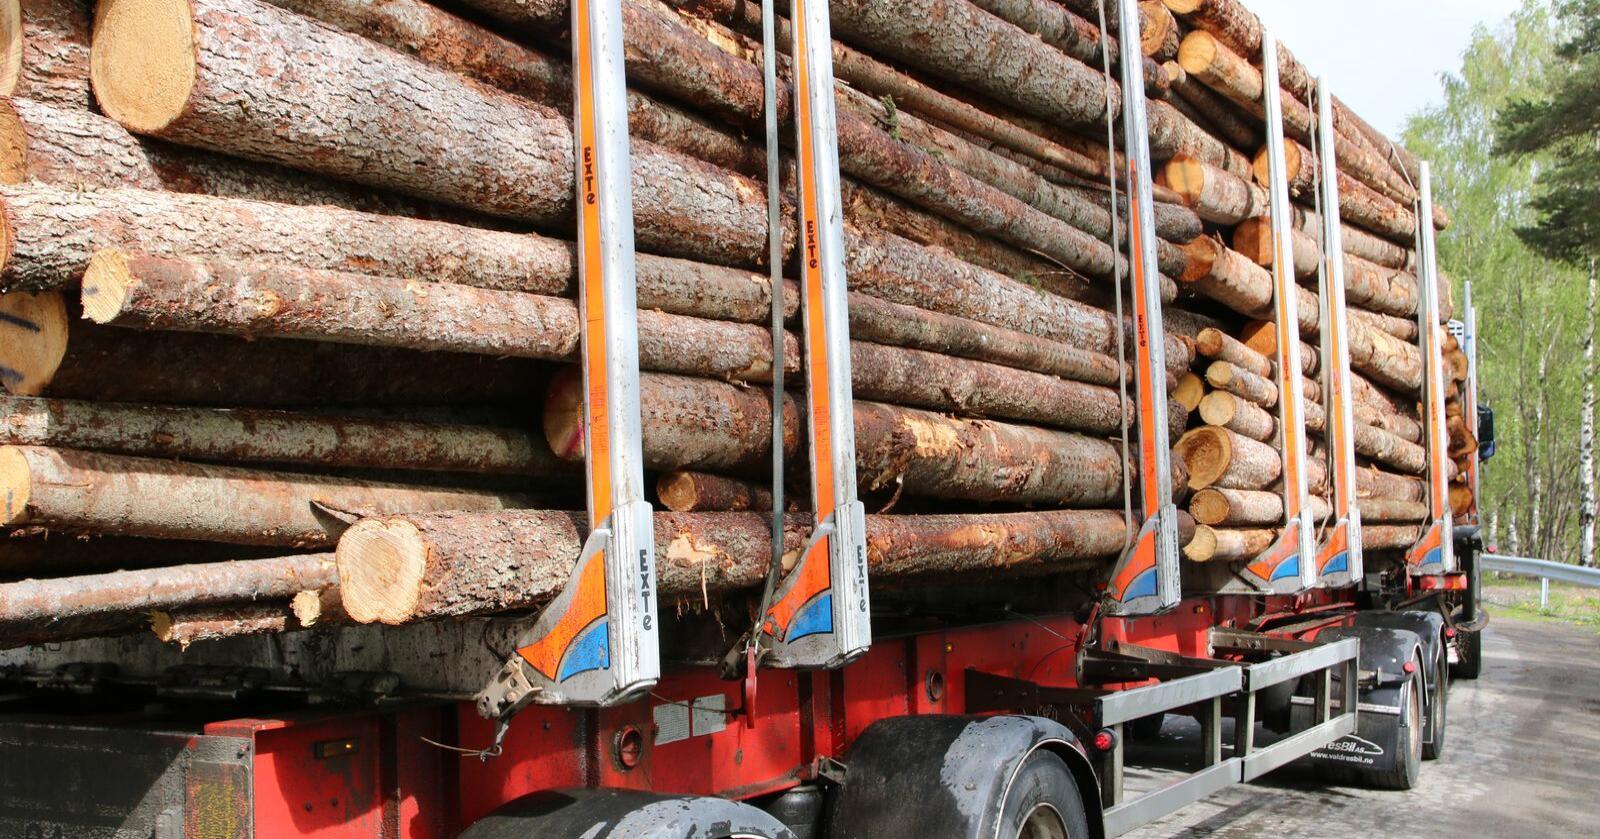 Aldri før har det blitt avvirket så mye tømmer i landet som i 2019. (Foto: Karl Erik Berge)